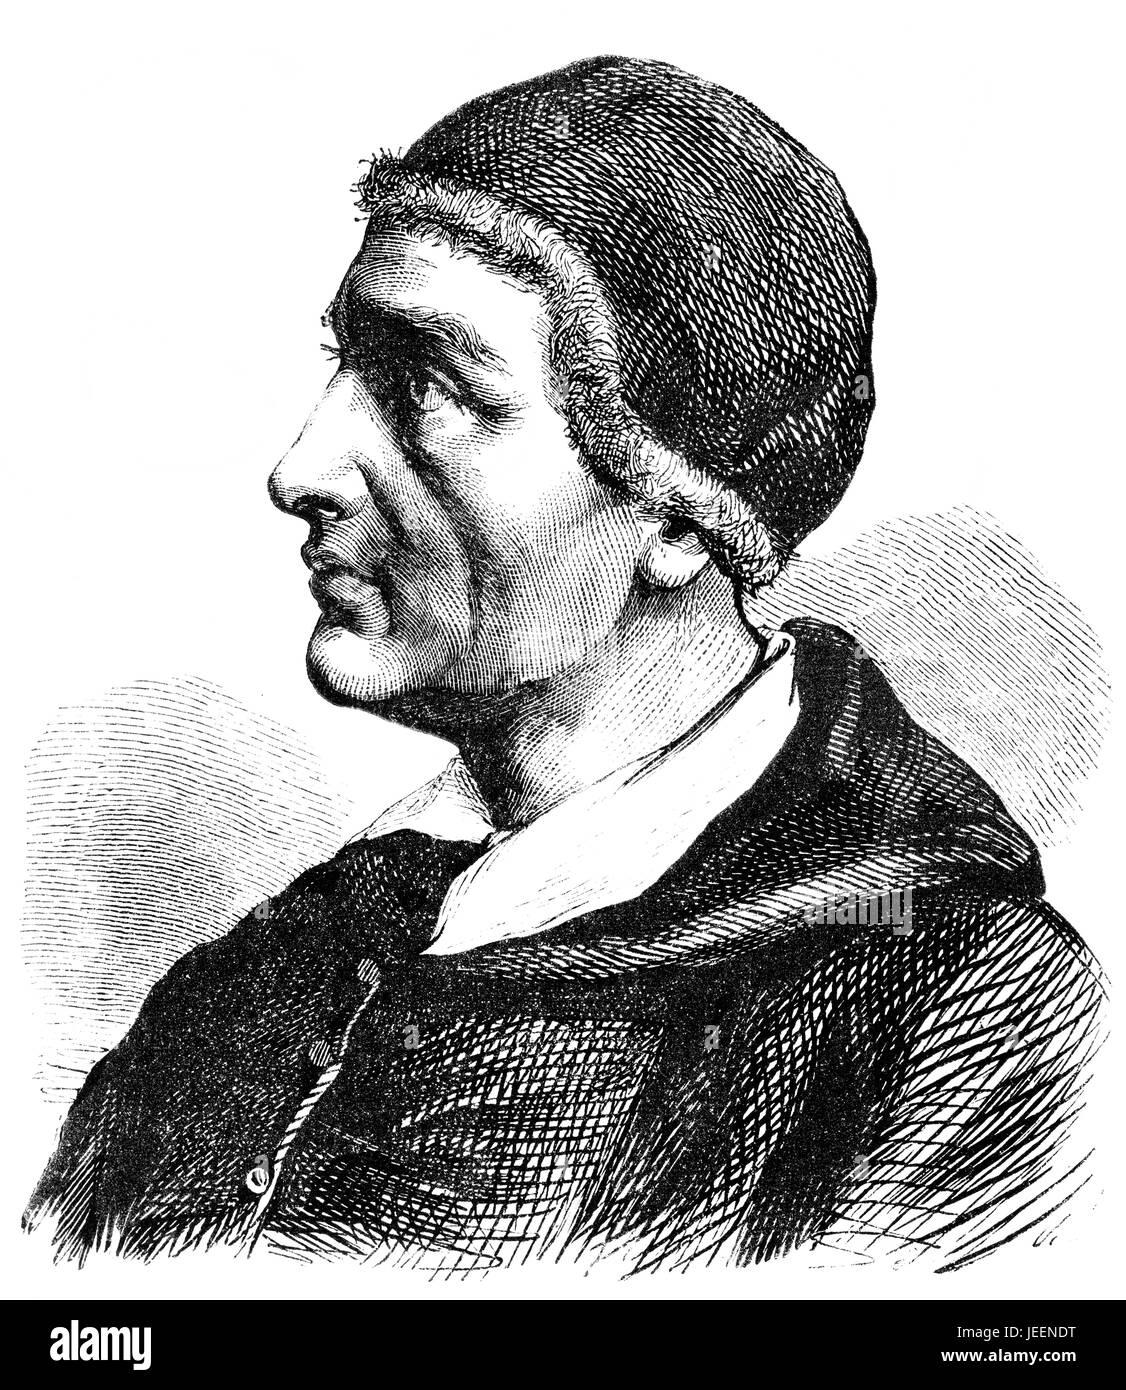 El Papa Inocencio I, sirvió como la Iglesia Católica, el Papa desde 401 hasta su muerte en el 417 Imagen De Stock